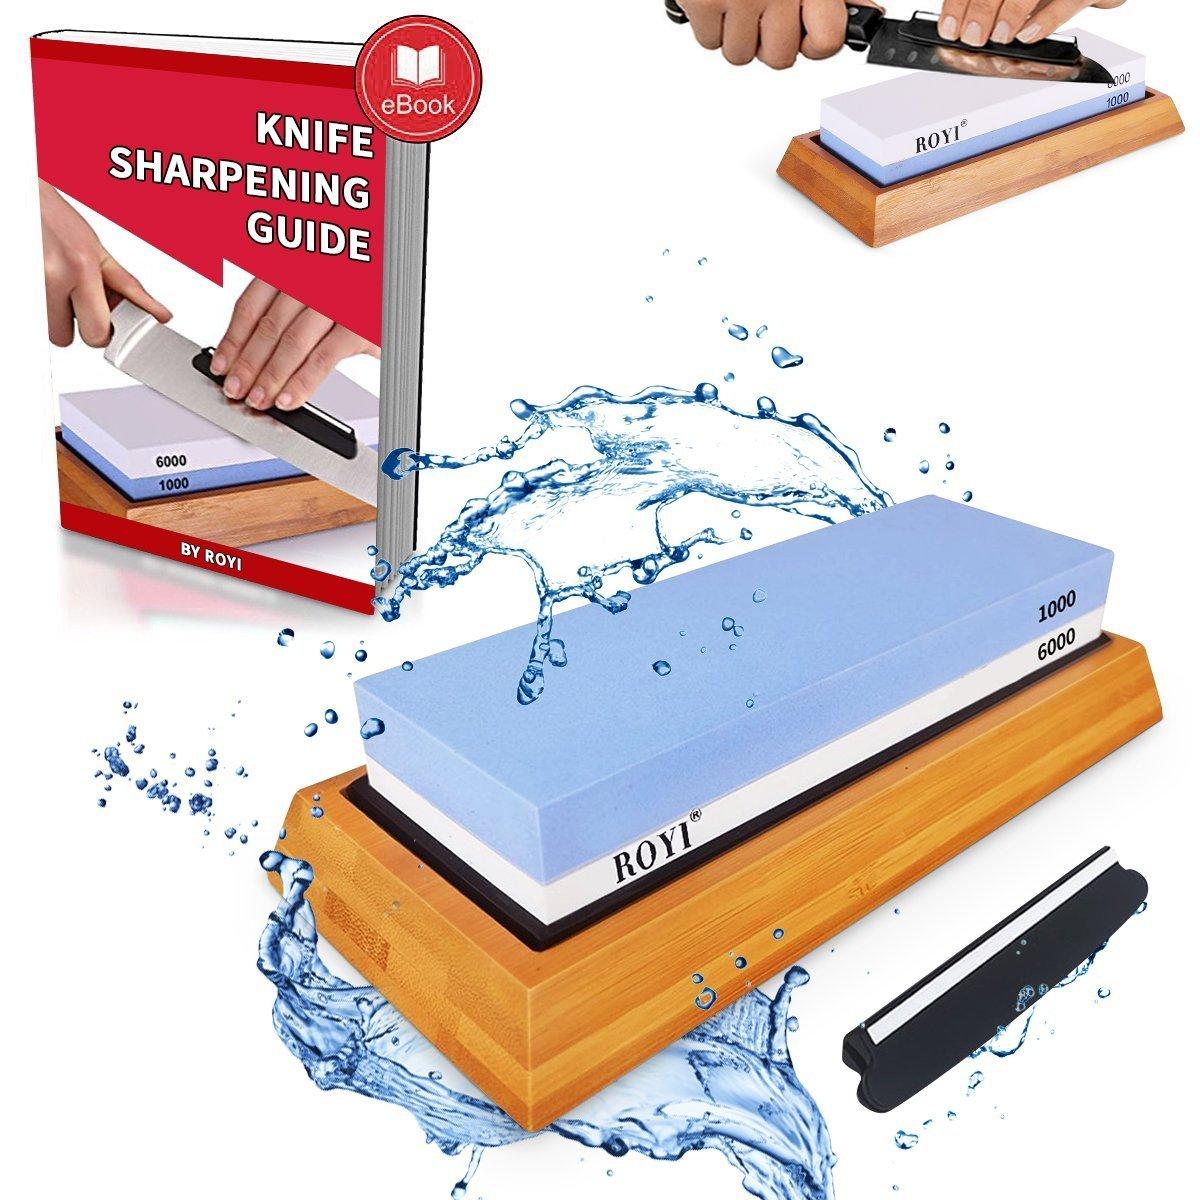 Premium Knife Sharpening Stone Kit 2 Side 1000/6000 Grit Whetstone Best Kitchen Blade Sharpener Stone Non-Slip Bamboo Base and Bonus Angle Guide